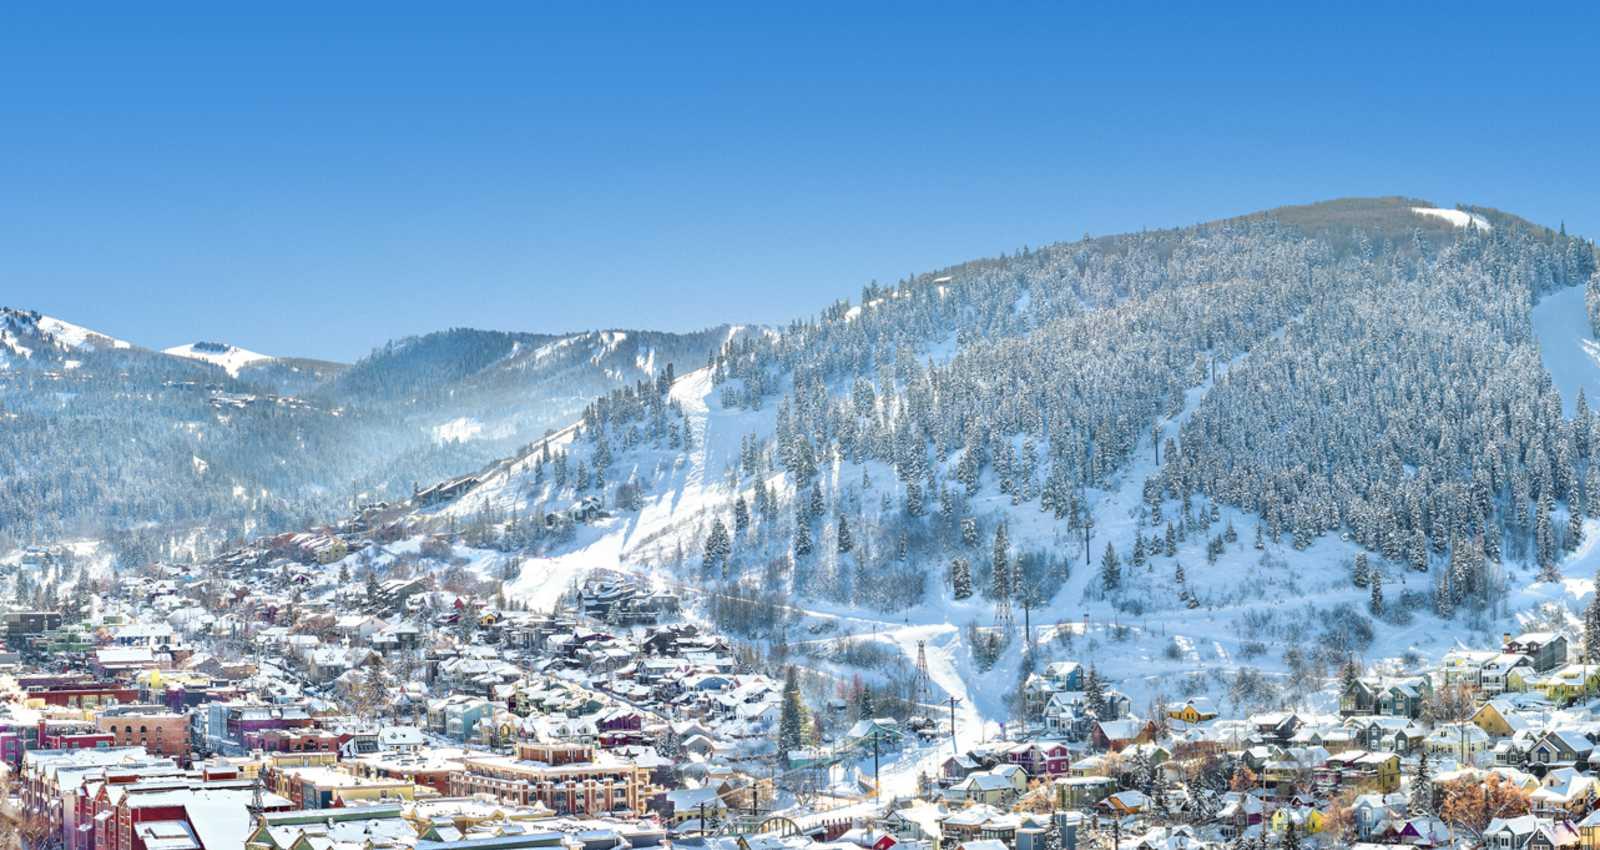 CH Winter 2017 Scenic 04 deda8f75 0c03 4c8b b162 63a29d262e34